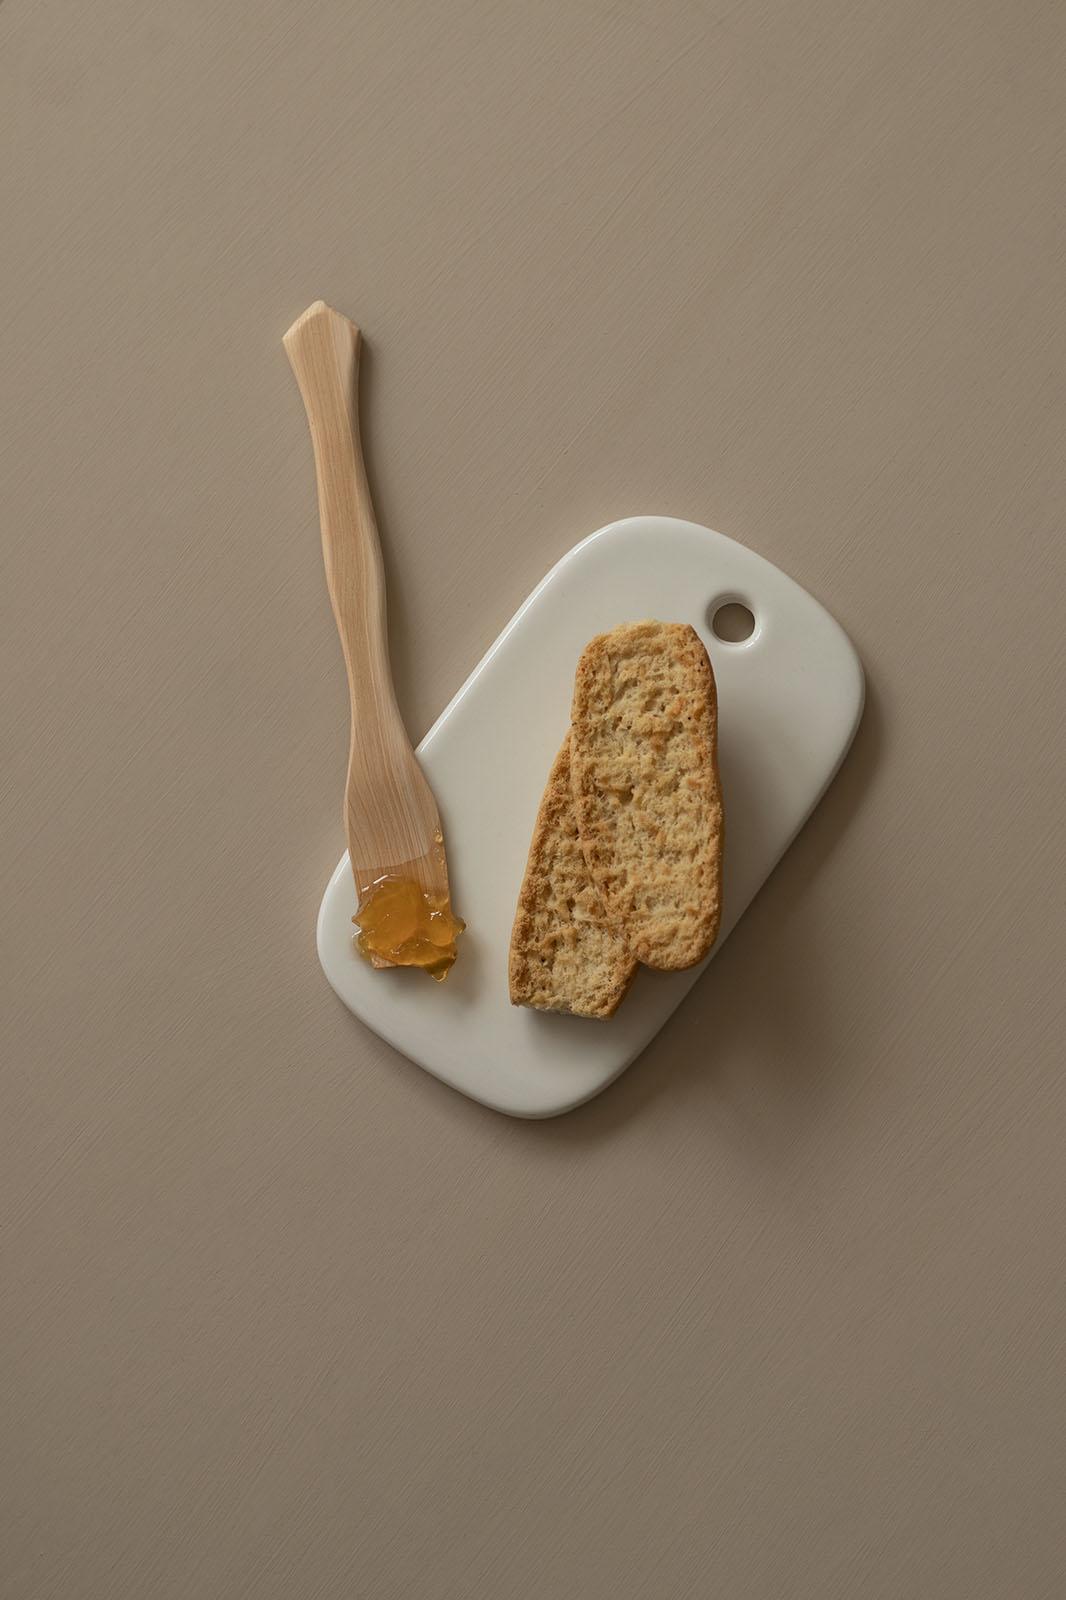 marmaladespoon.jpg